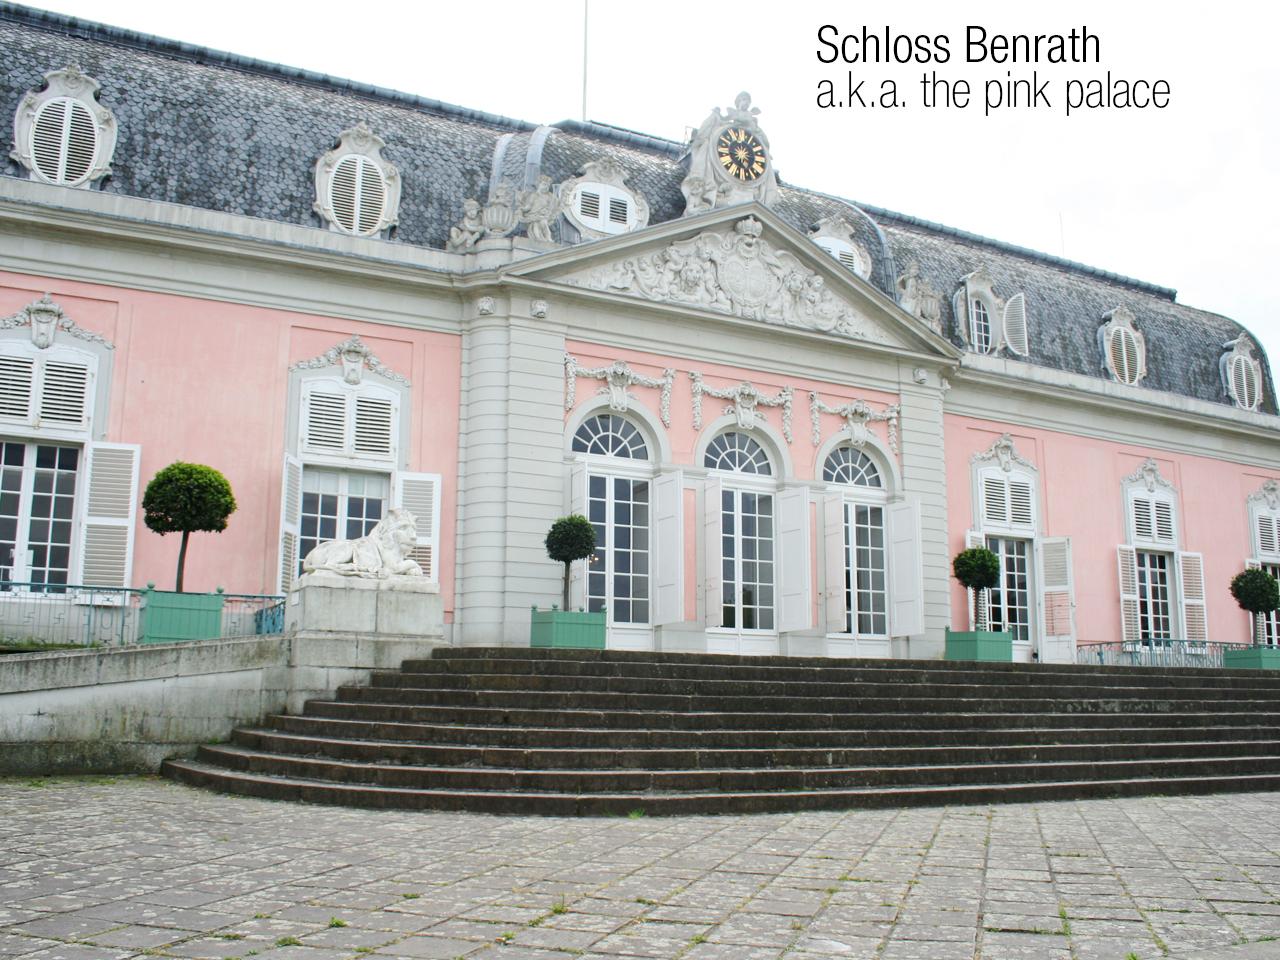 back to dusseldorf for a visit at Schloos Benrath